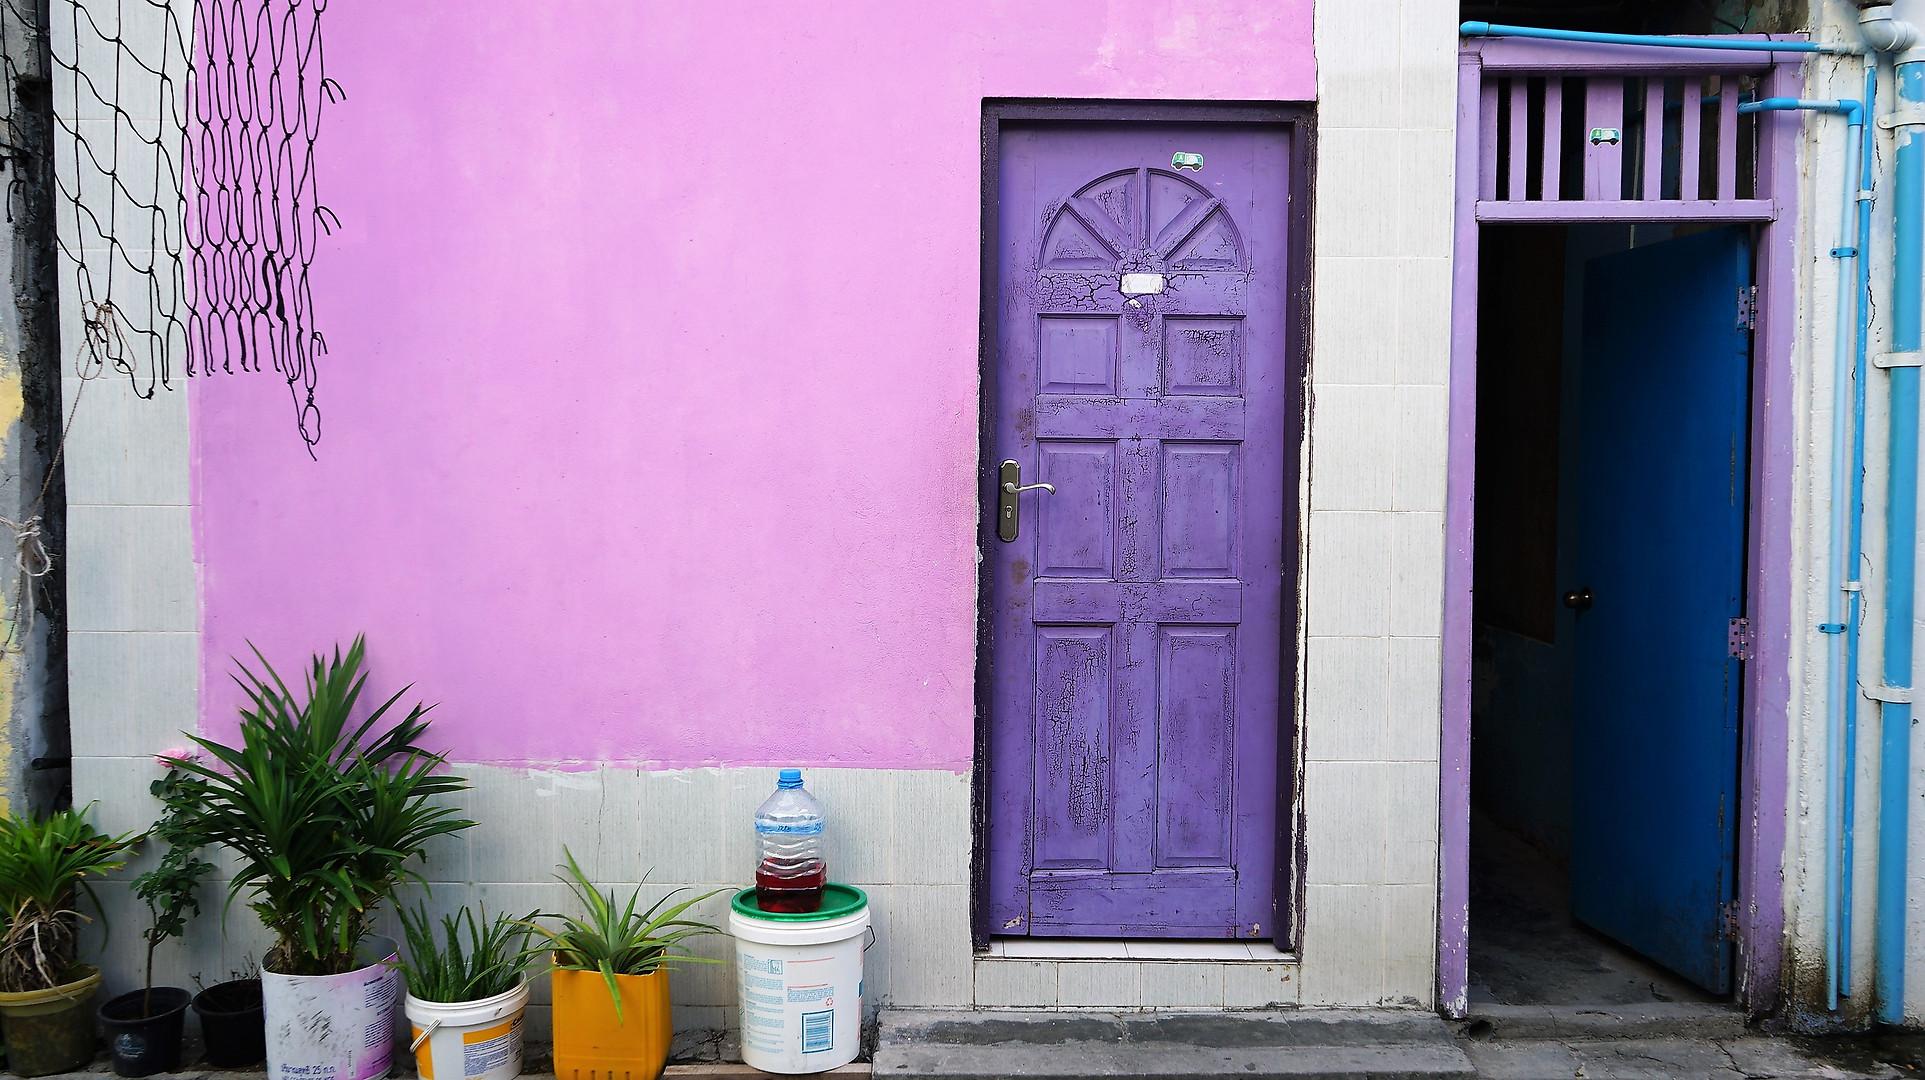 モルディブは、カラフルに塗られた家並みを歩くのも楽しい